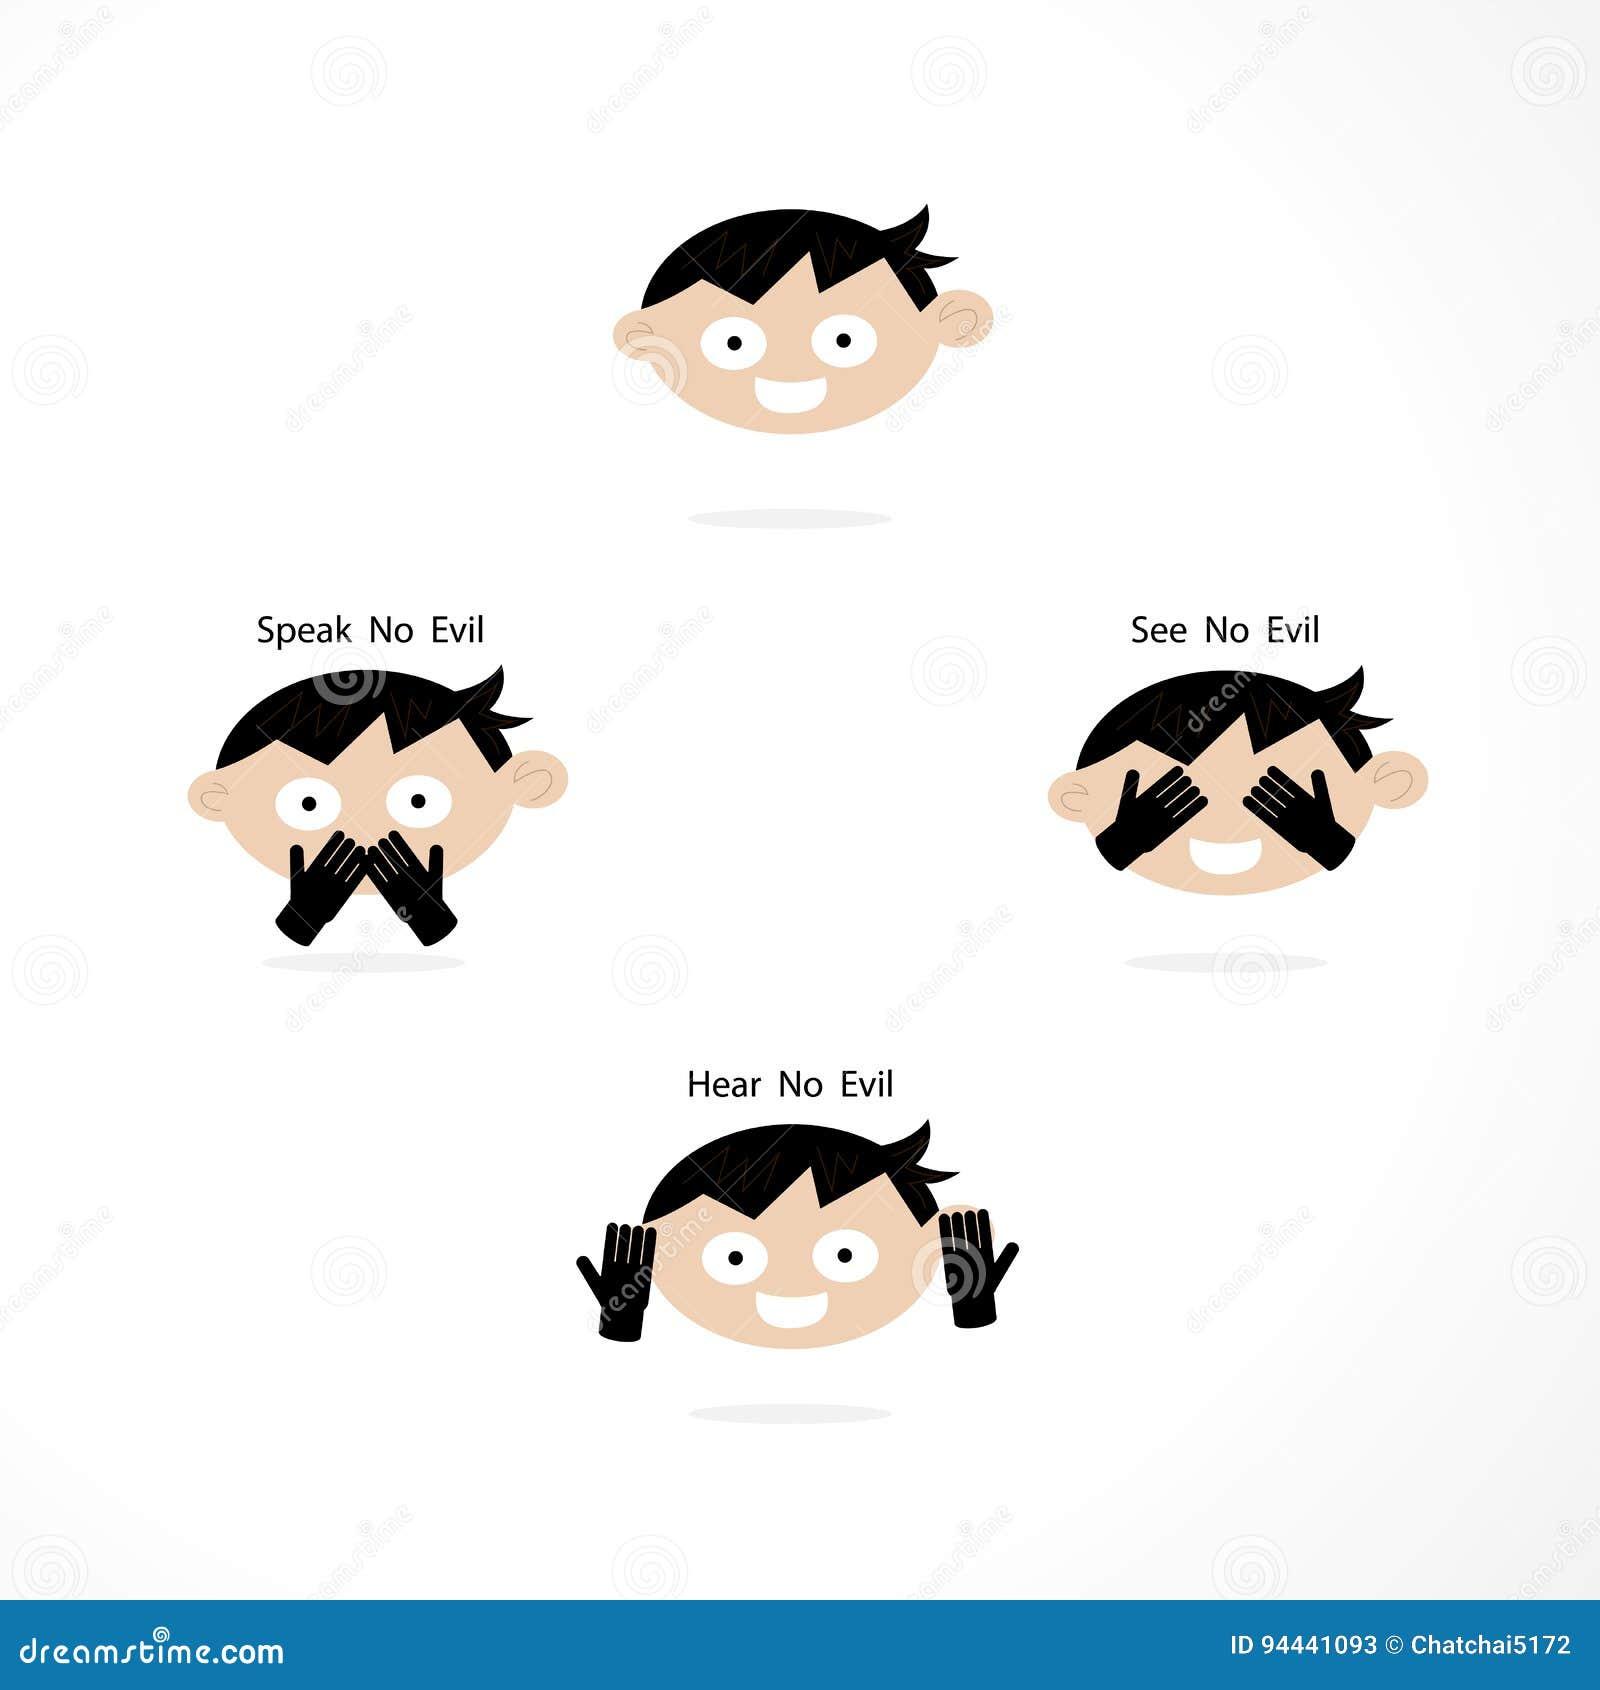 Sehen Sie kein Übel, hören Sie kein Übel, sprechen Sie kein Übel Karikatur-Humor-Konzept